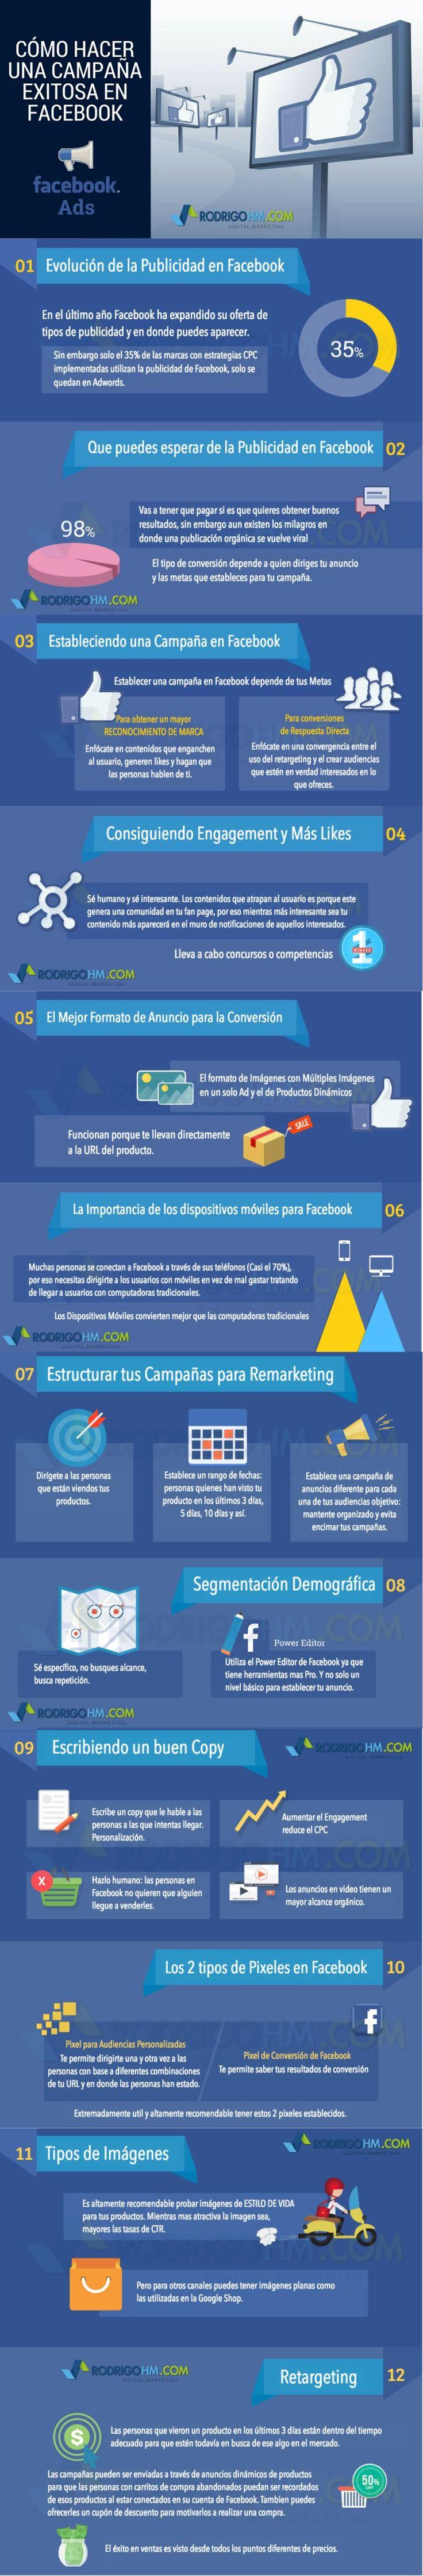 Cómo hacer una campaña de éxito en Facebook #infografia Confira dicas, táticas e ferramentas para E-mail Marketing no Blog Estratégia Digital aqui em http://www.estrategiadigital.pt/category/e-mail-marketing/